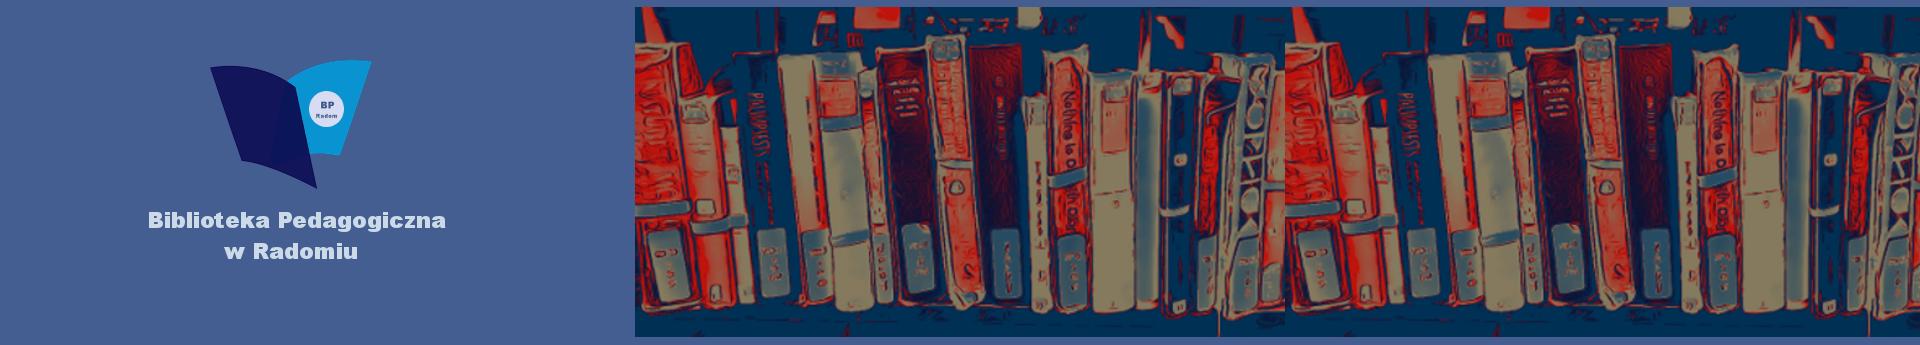 Biblioteka Pedagogiczna w Radomiu